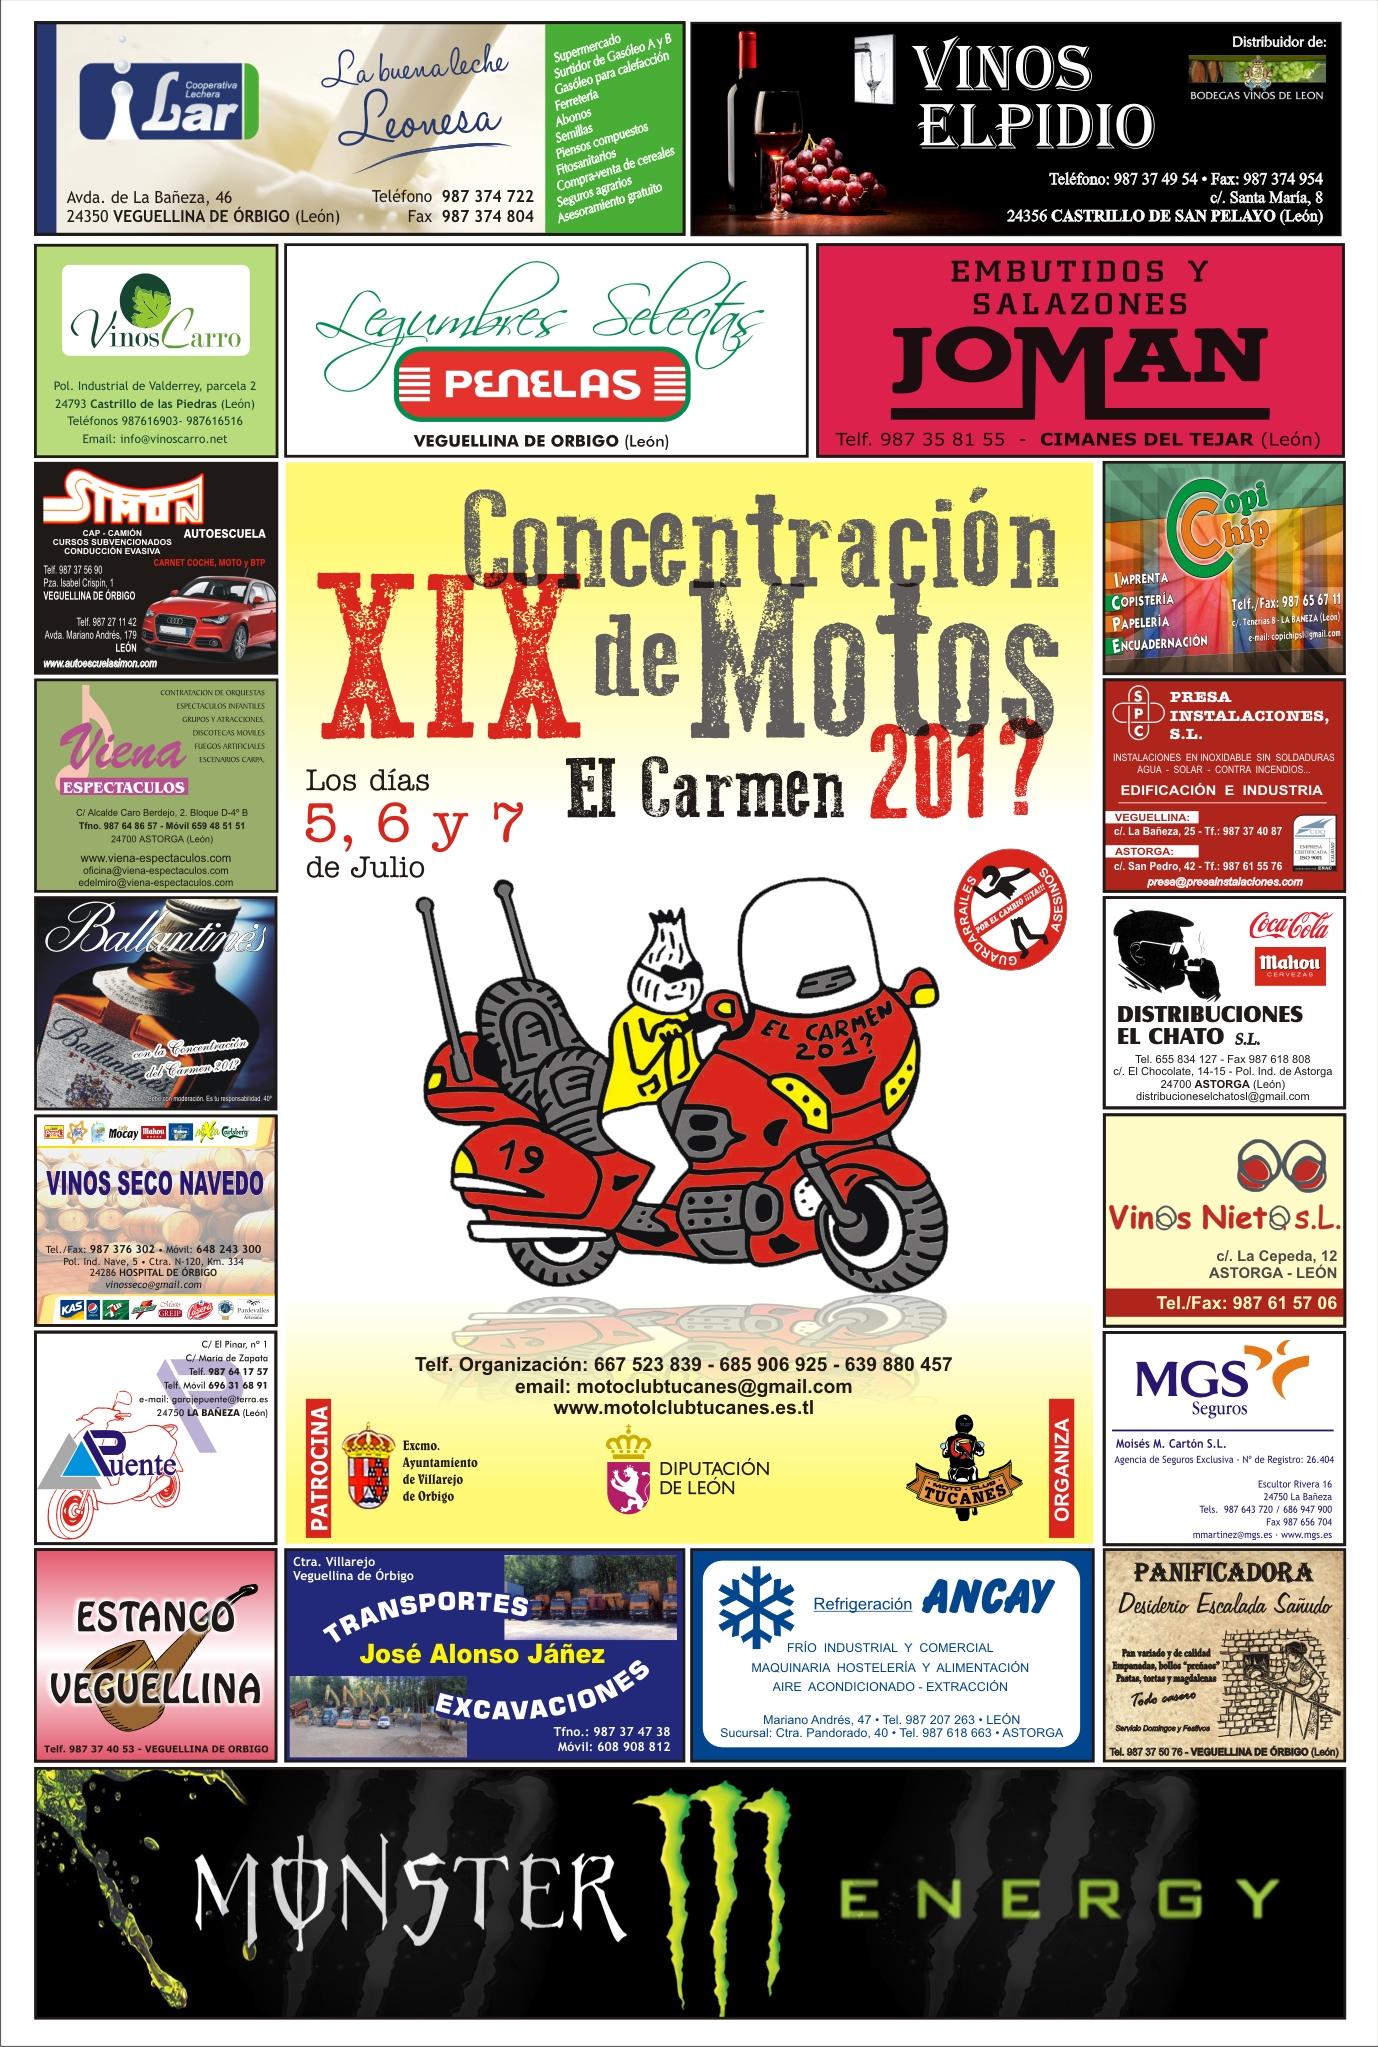 XIX CONCENTRACION DE MOTOS EL CARMEN 2013